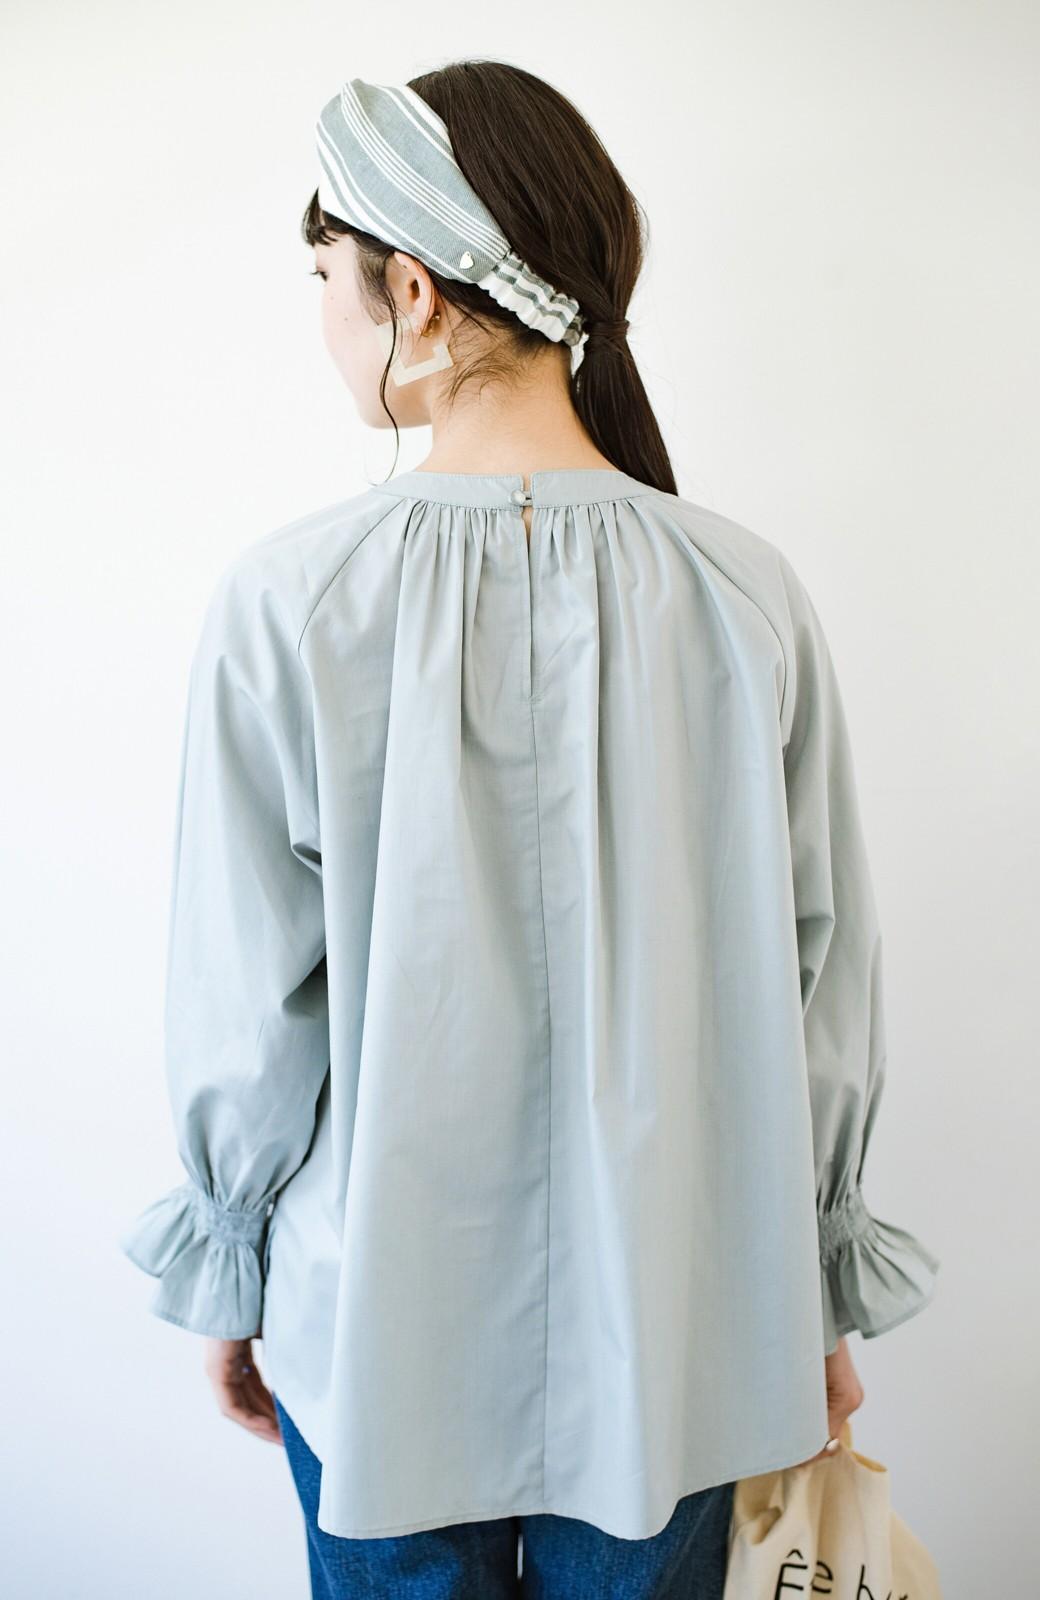 haco! パッと着るだけで新鮮&おしゃれ見え!ゆるめサイズが今っぽいチャイナボタンブラウス <ミント>の商品写真22